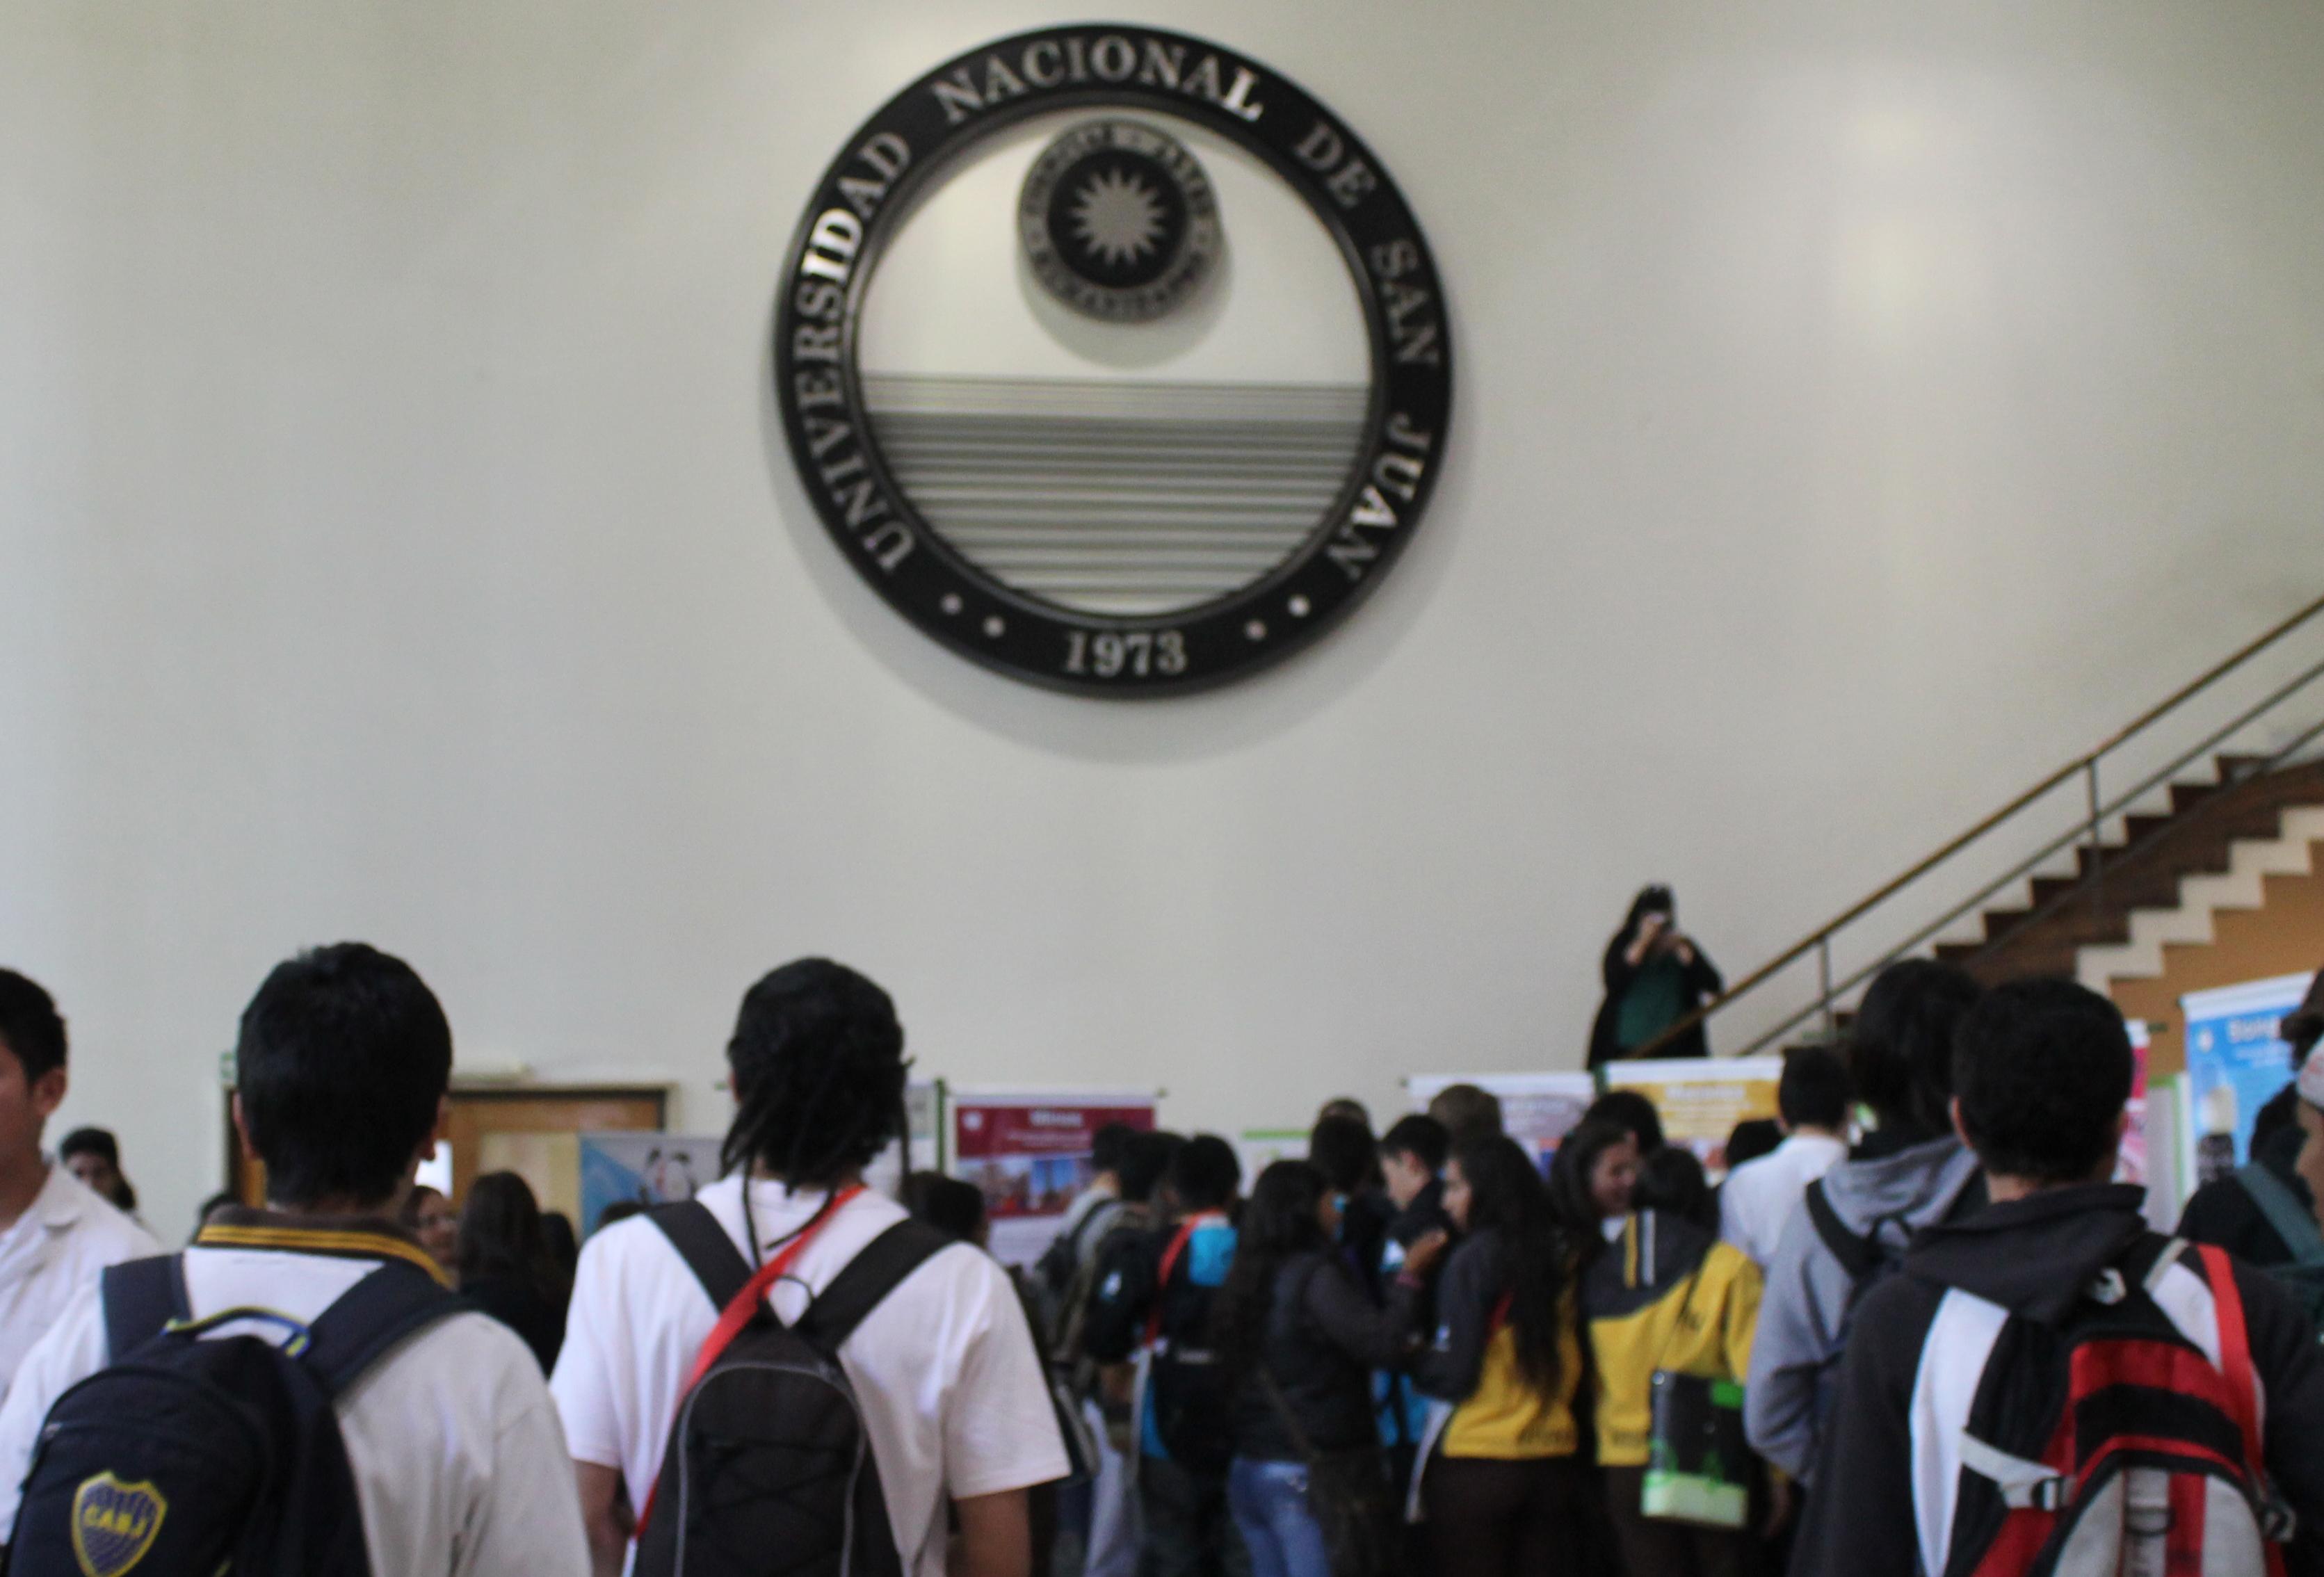 Edificio Central de la UNSJ